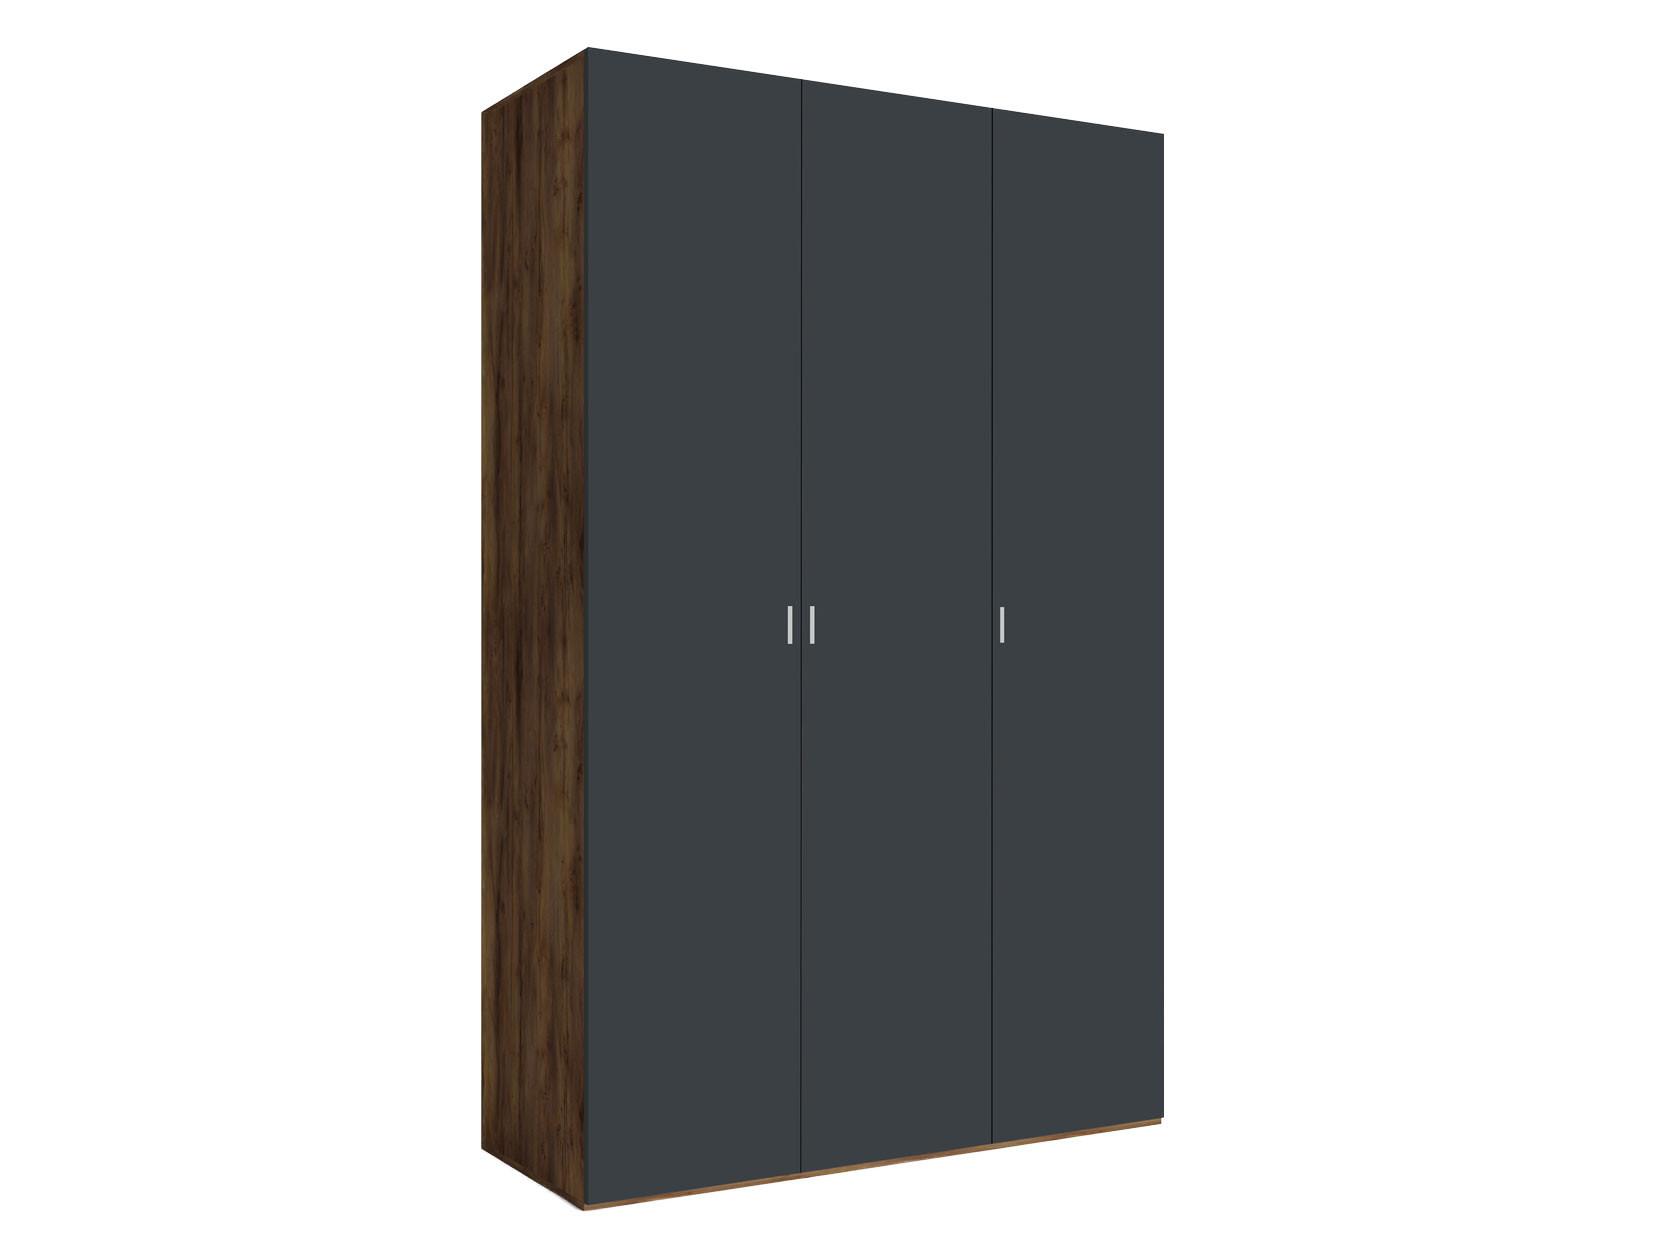 Распашной шкаф  3-х дверный Вега Бавария Таксония медовая / Антрацит, Без зеркала, топа-накладки КУРАЖ 104968